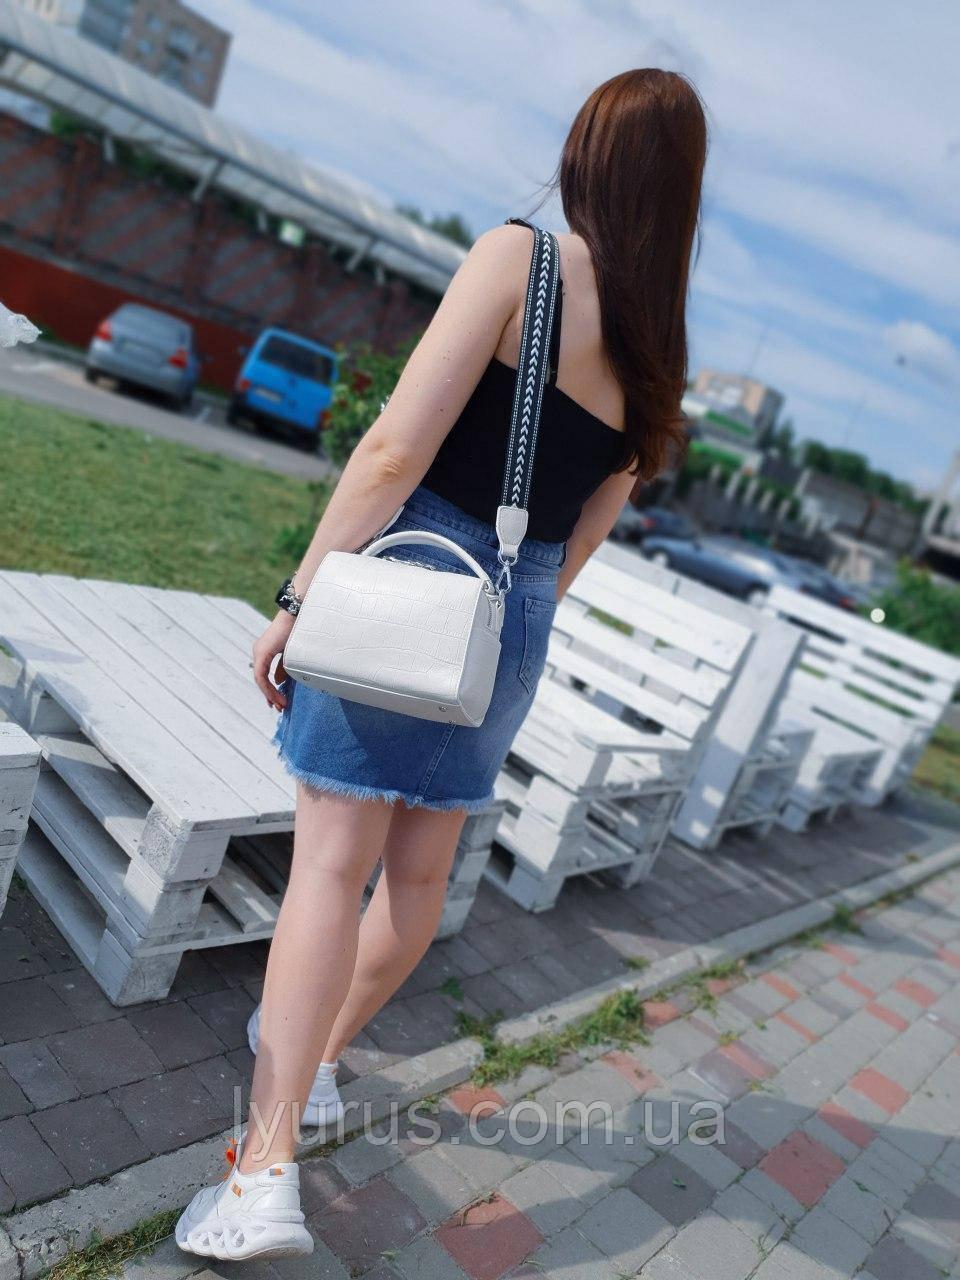 Жіноча шкіряна сумка розміром 23х18х12 см Біла (01235)